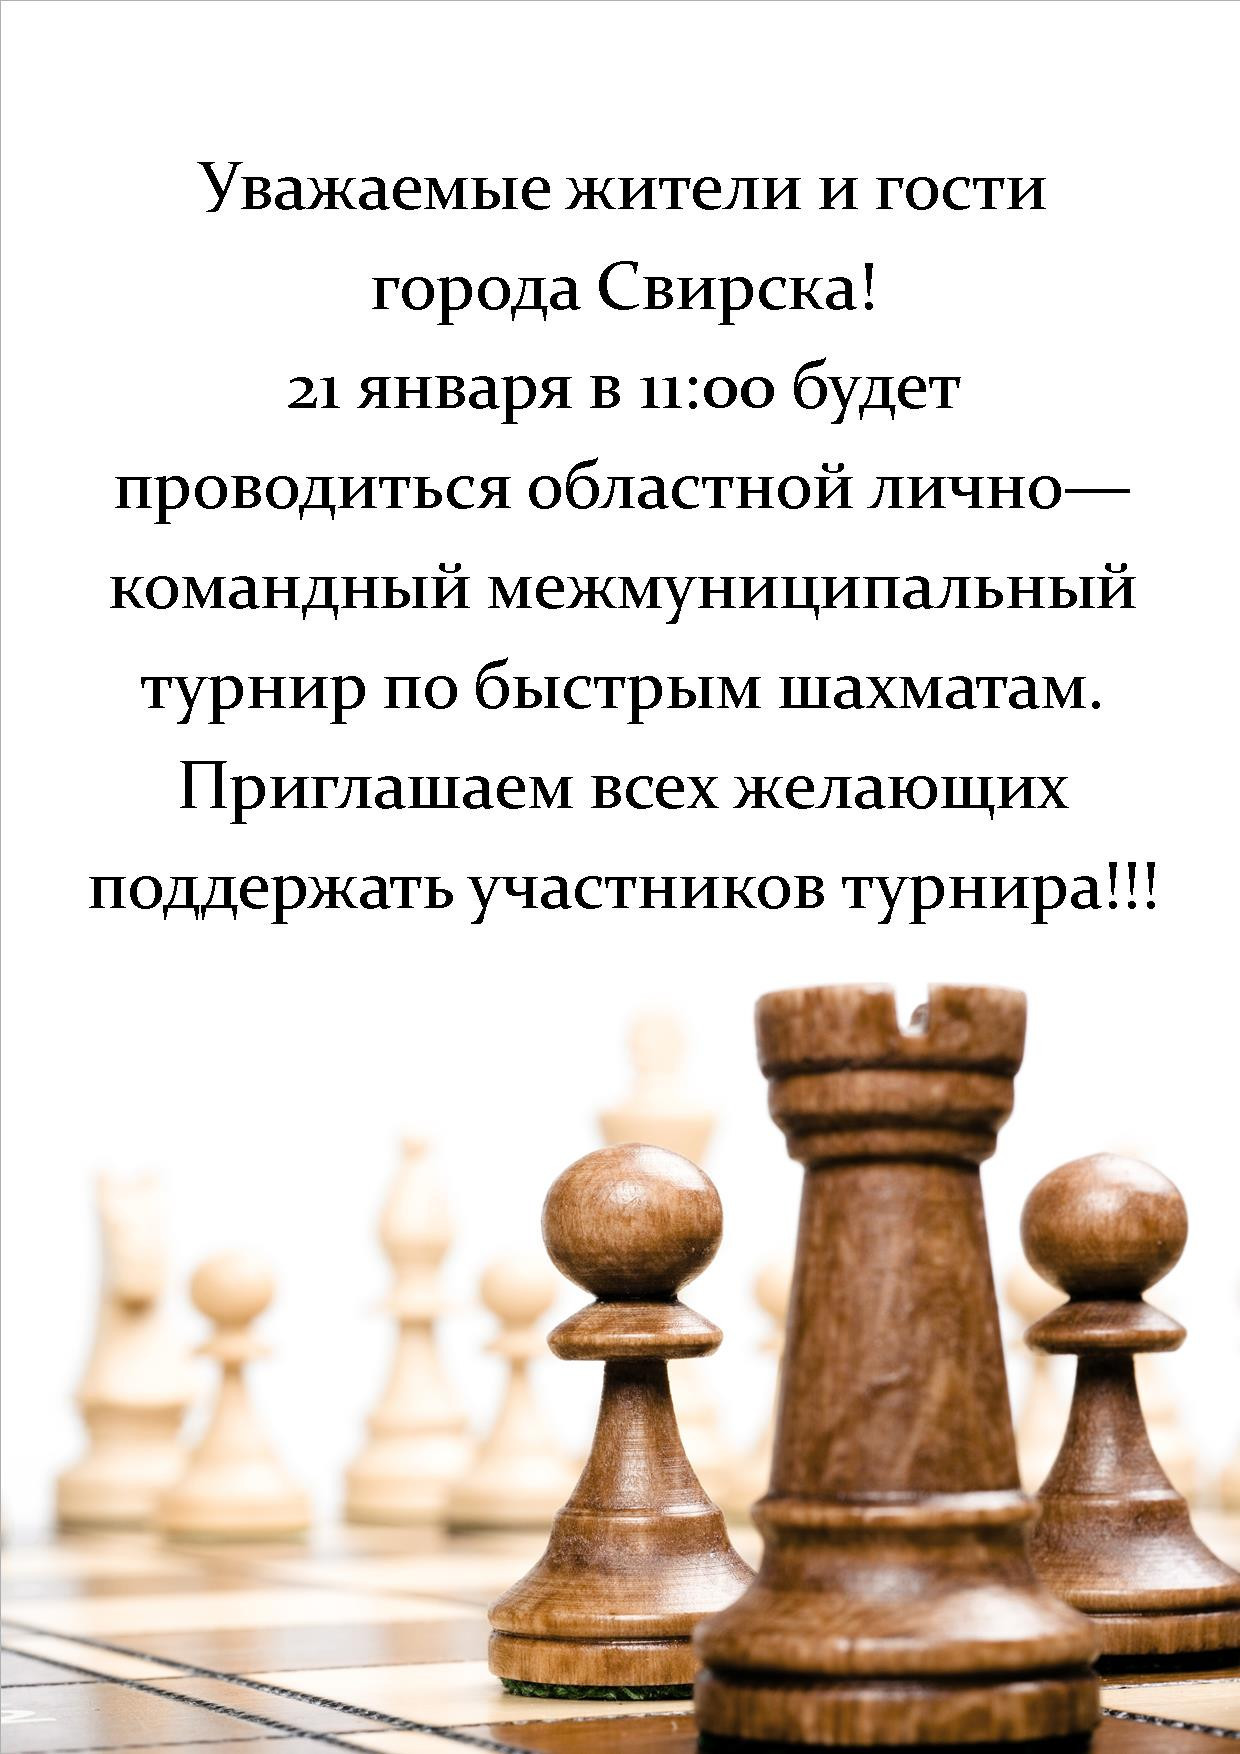 Афиша шахматы